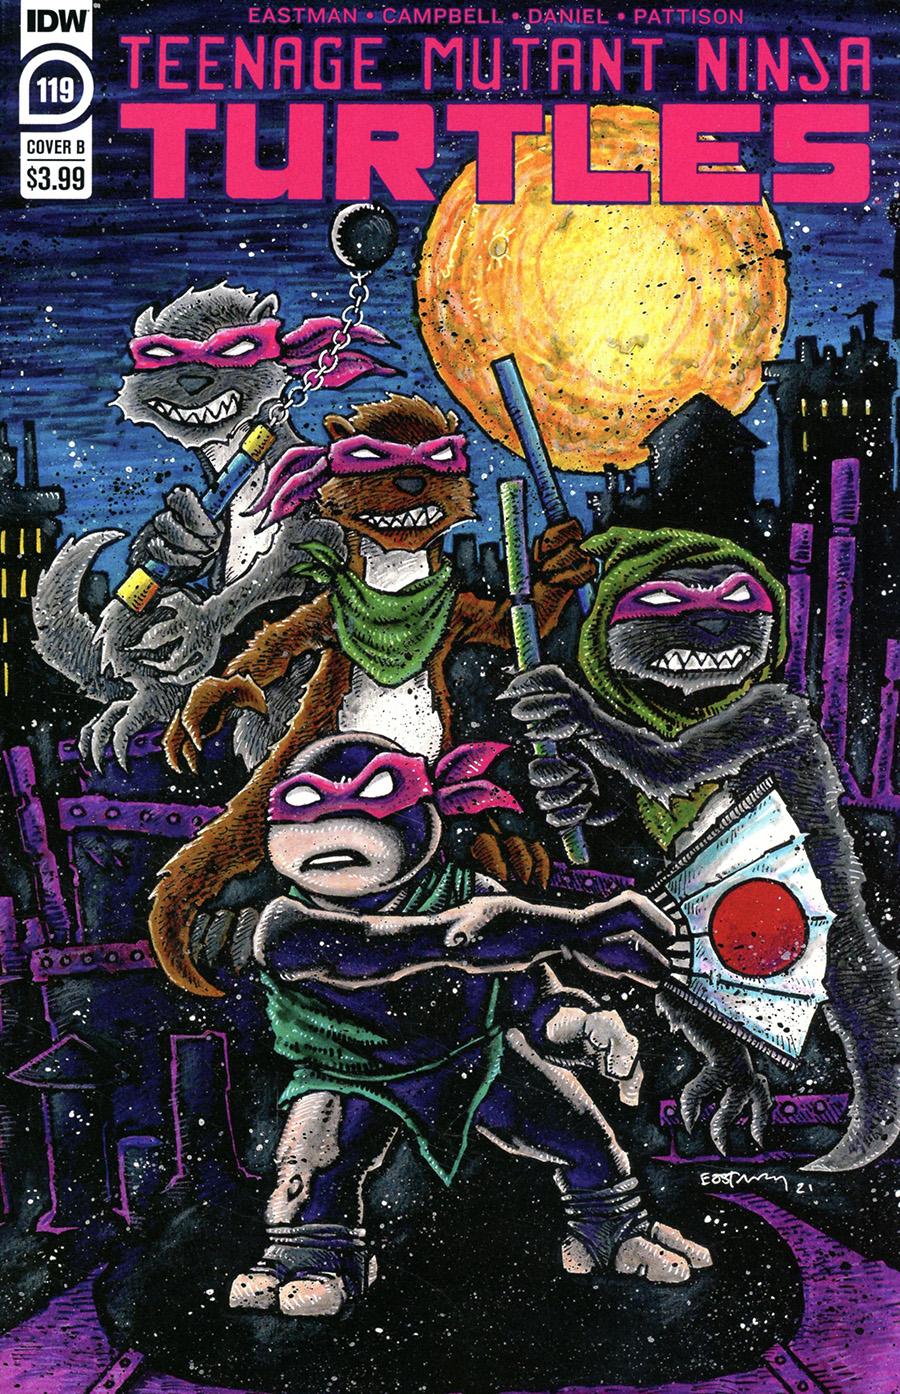 Teenage Mutant Ninja Turtles Vol 5 #119 Cover B Variant Kevin Eastman Cover